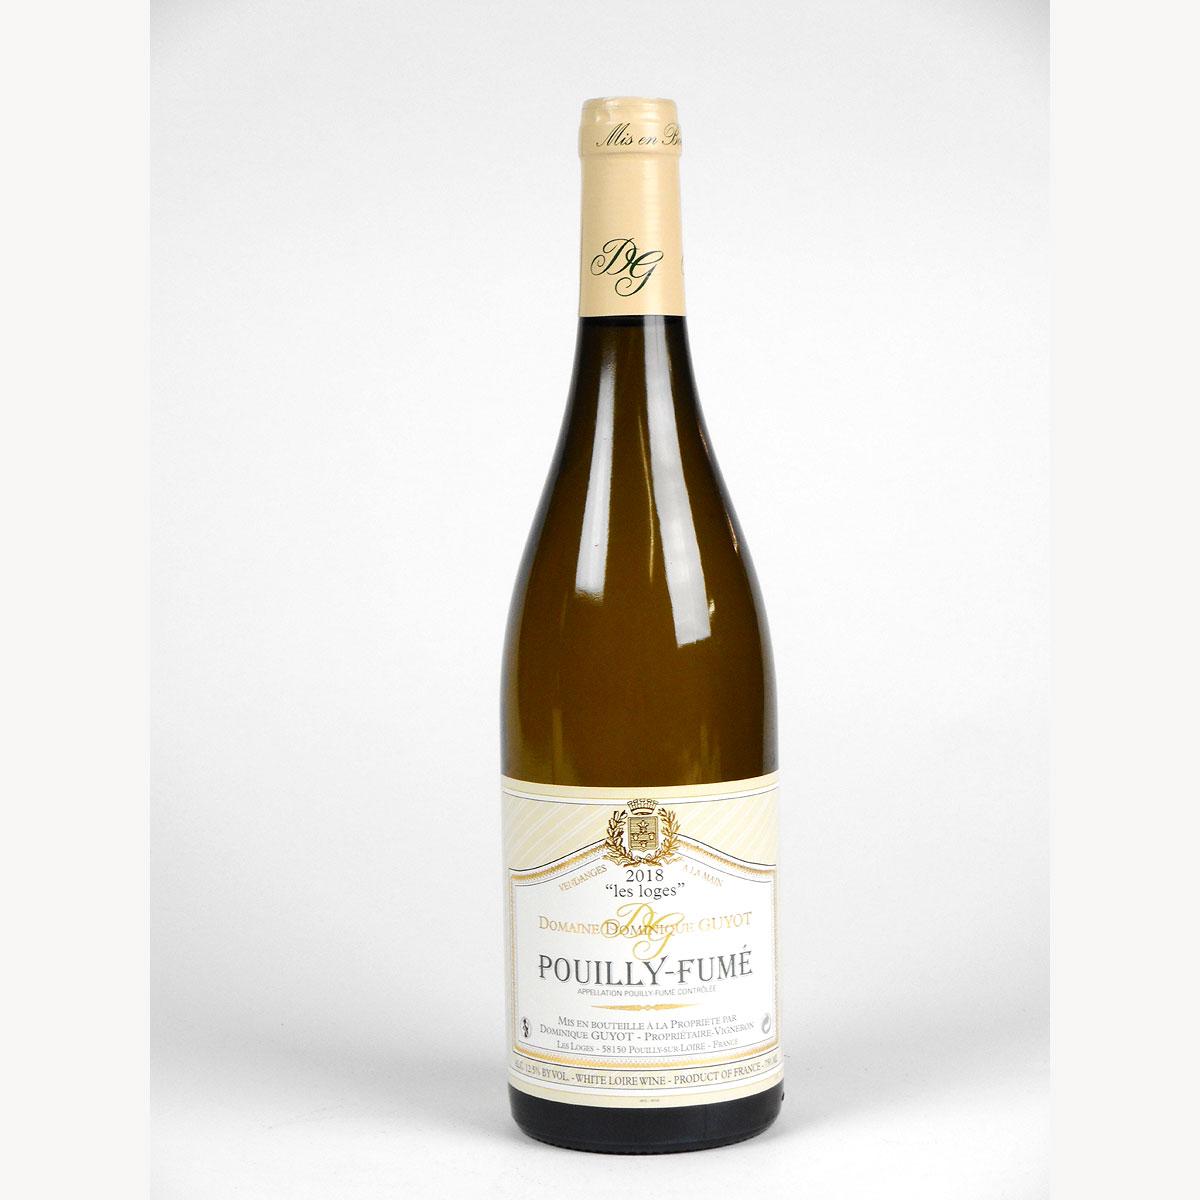 Pouilly-Fumé: Domaine Dominique Guyot 'Les Loges' 2018 - Bottle